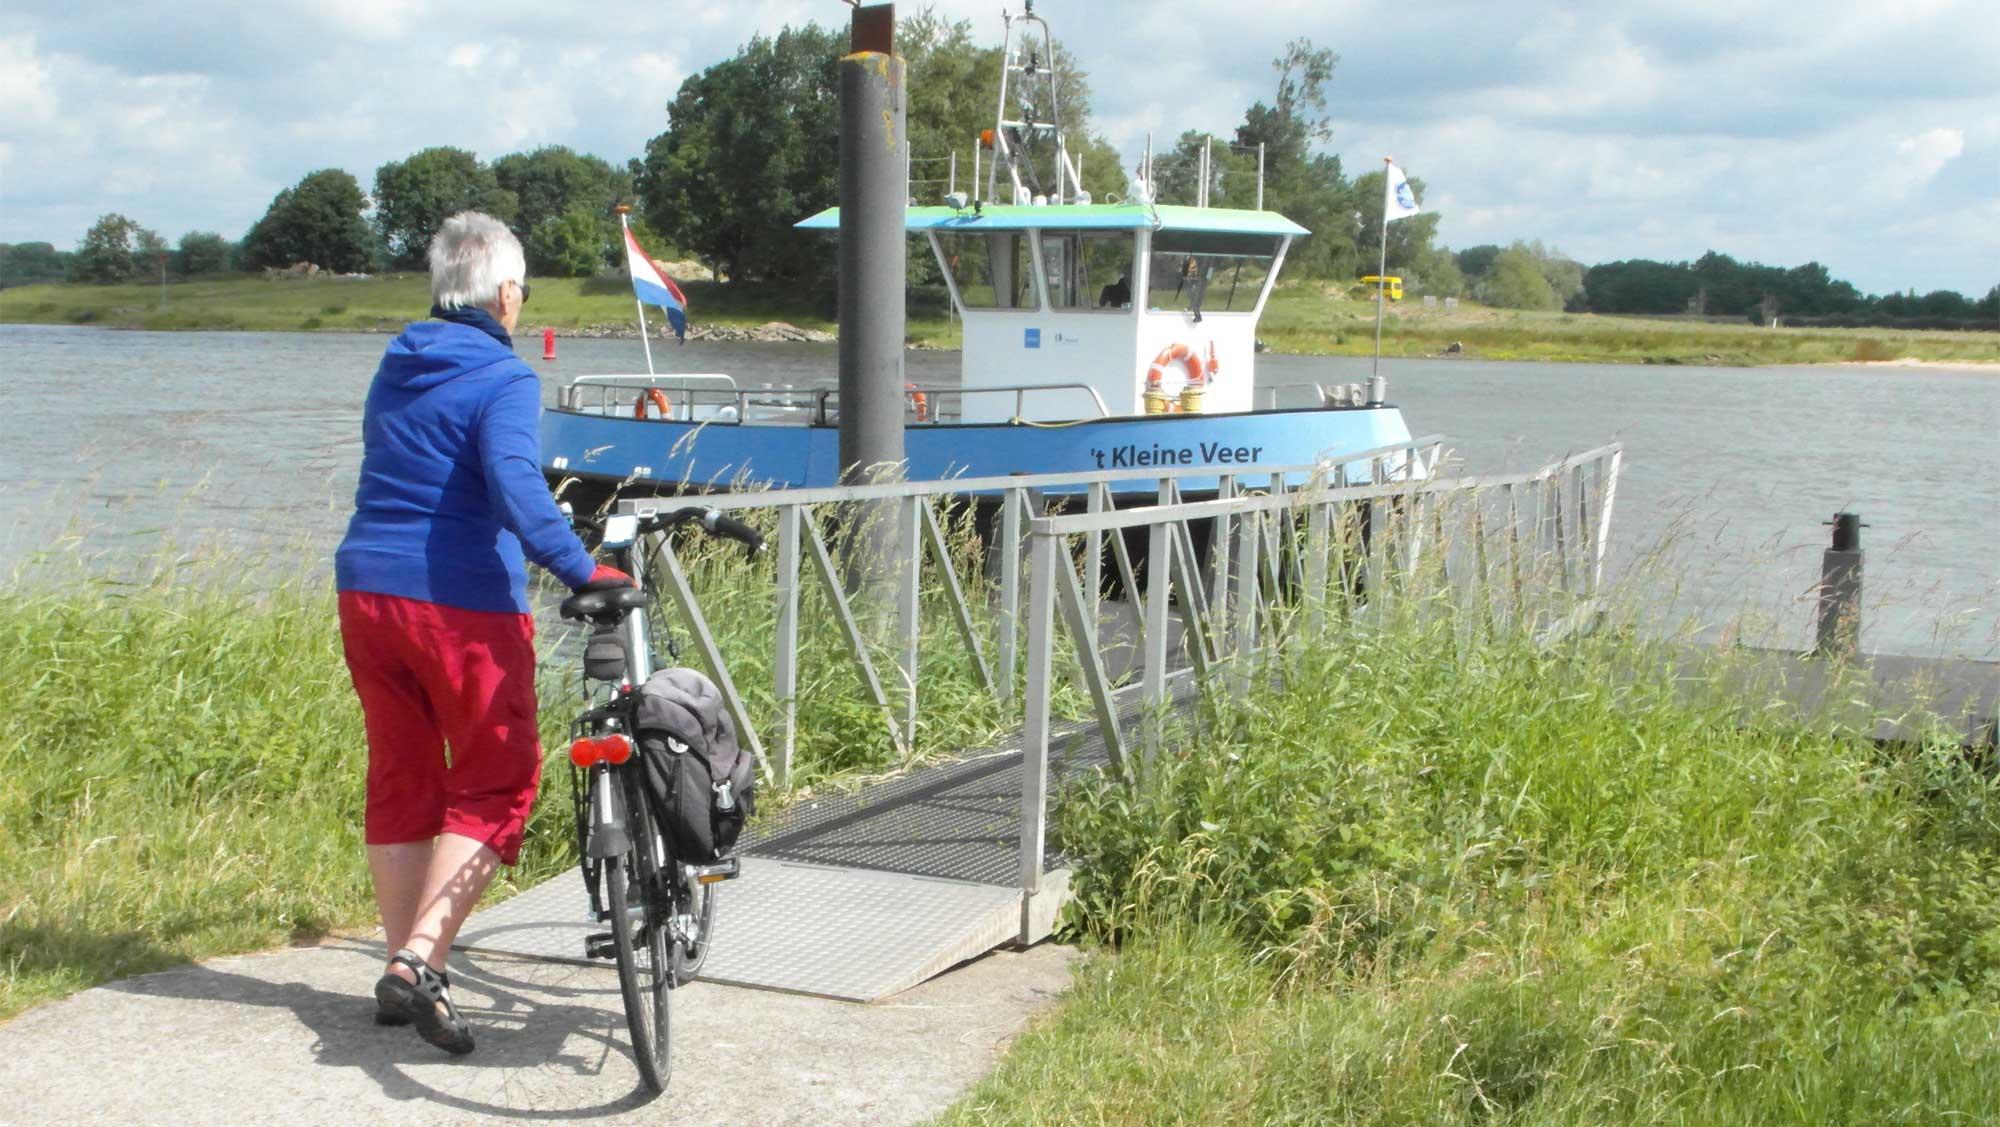 Omgeving Molecaten parken Hattem Heerde 12 fietspond Kleine Veer